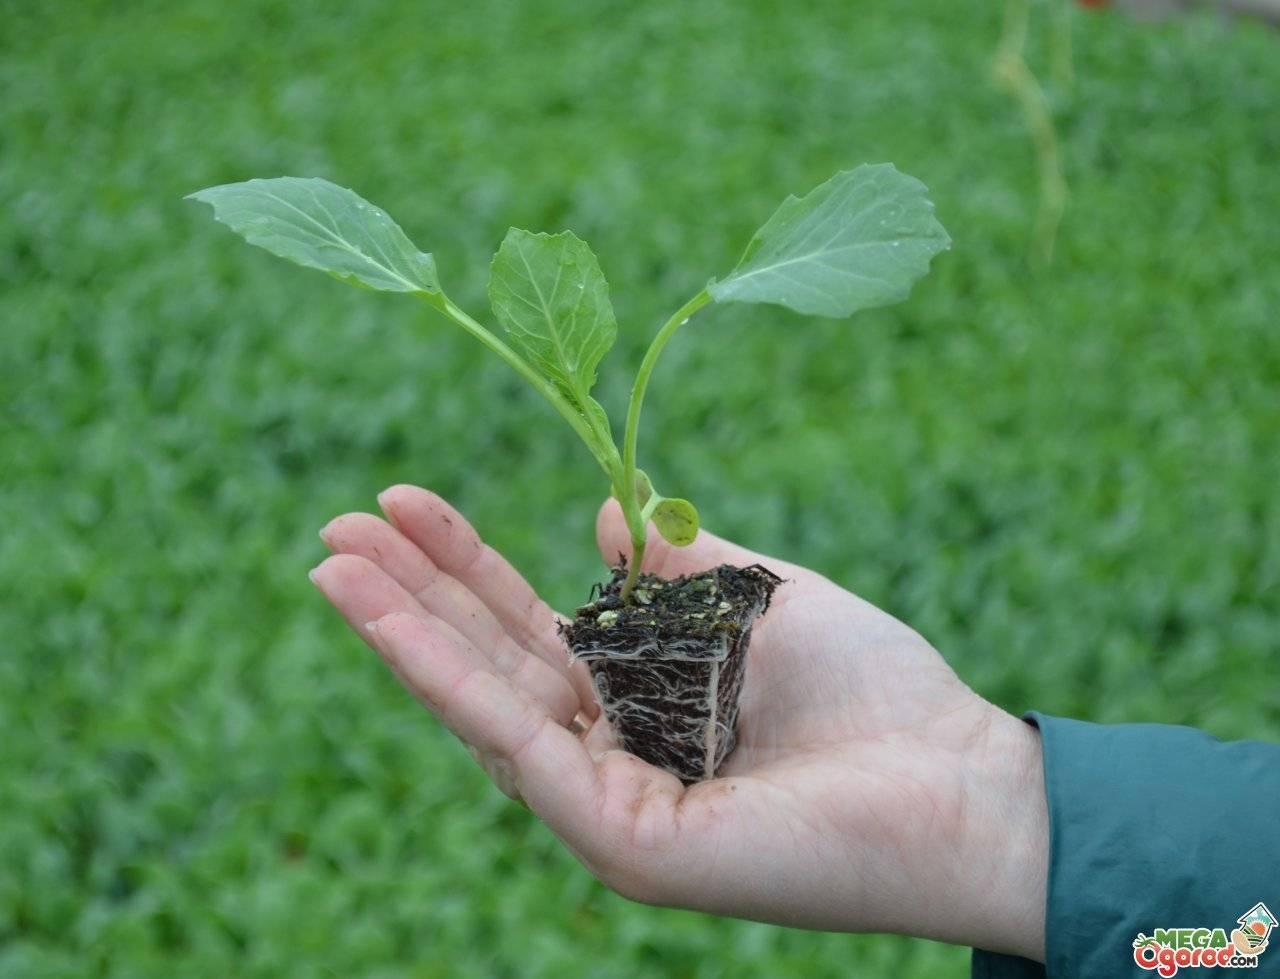 Плотная капуста сахарная голова. как выглядит, особенности выращивания, положительные и отрицательны стороны